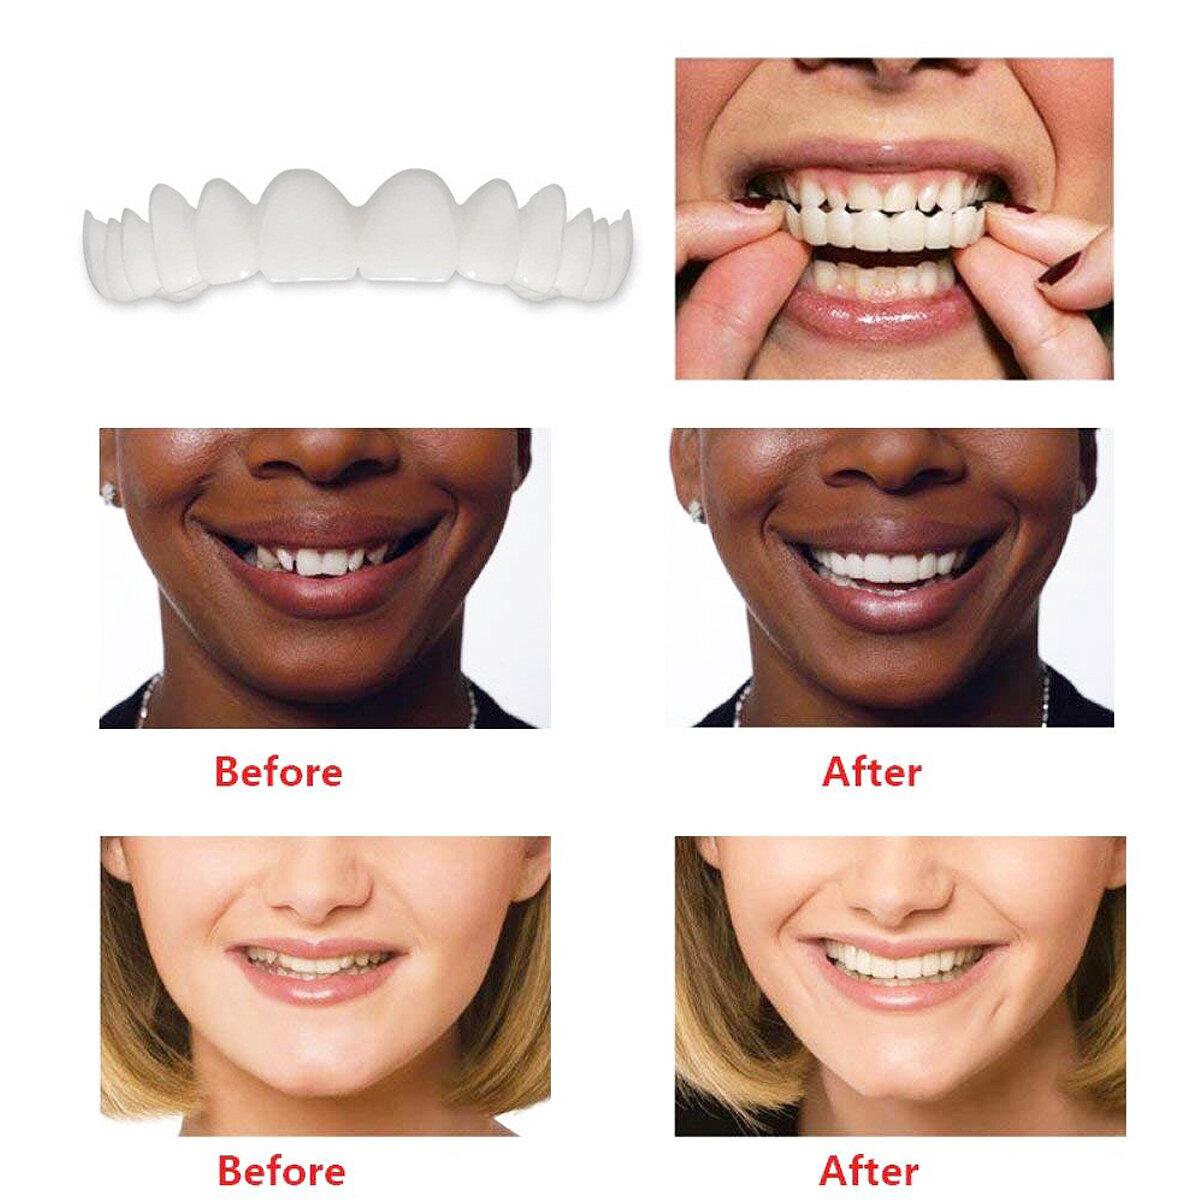 Natural False Tooth Kit Smile Comfort VeneersTeeth Braces Upper +Bottom Dentistry Cosmetic